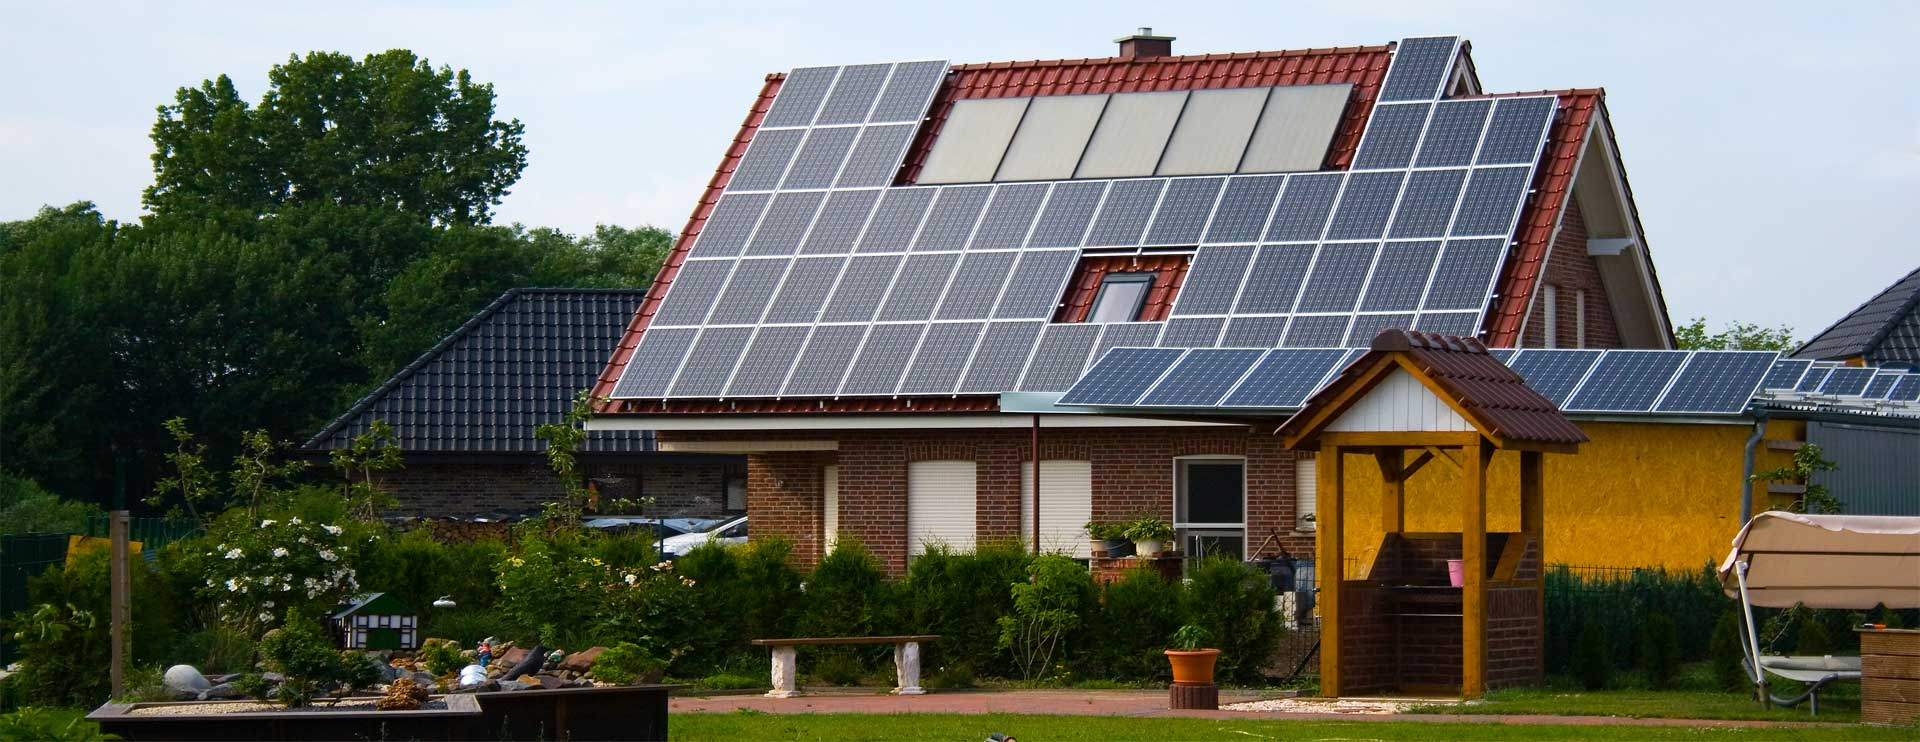 Комплект солнечных батарей для дачи: электричество от панелей мощностью 1, 5 и 3 квт, автономная электростанция для дачного дома, отзывы